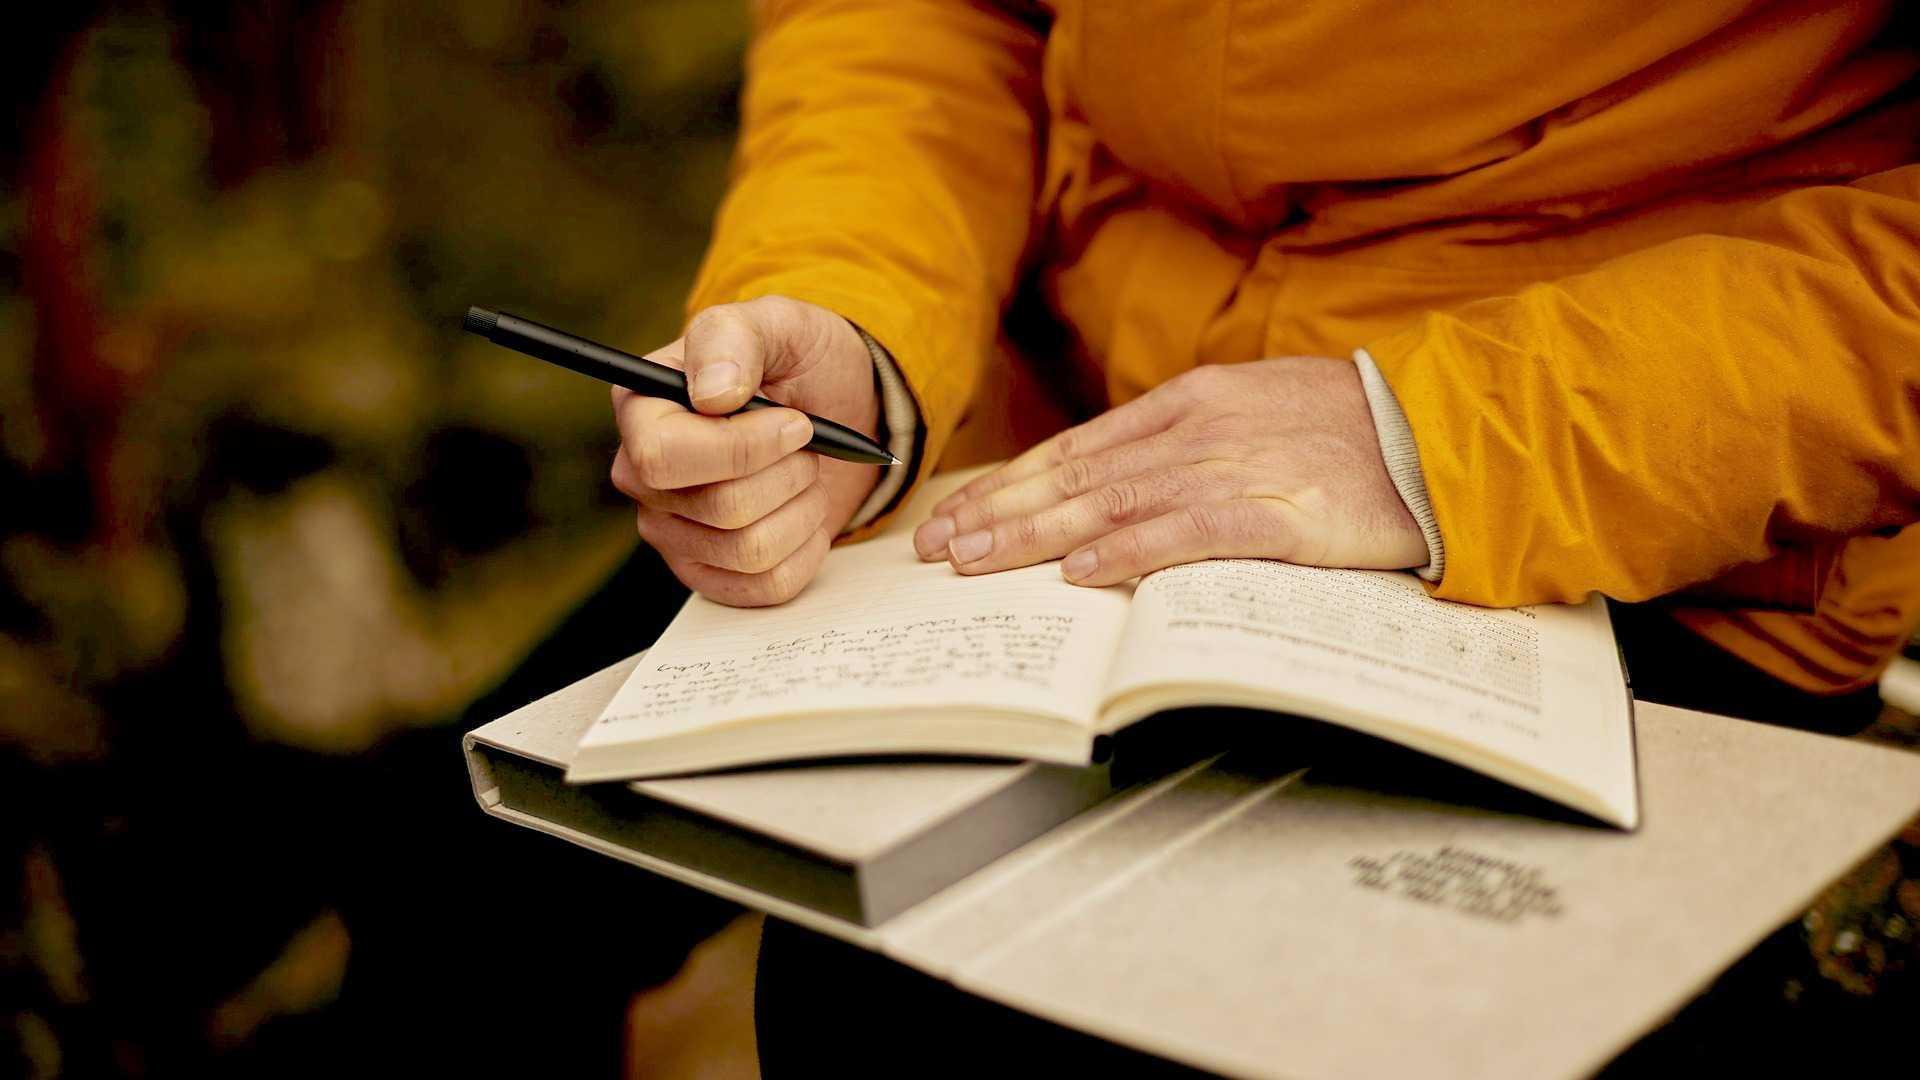 Biên tập viên sách: Công việc và thu nhập có tốt không?